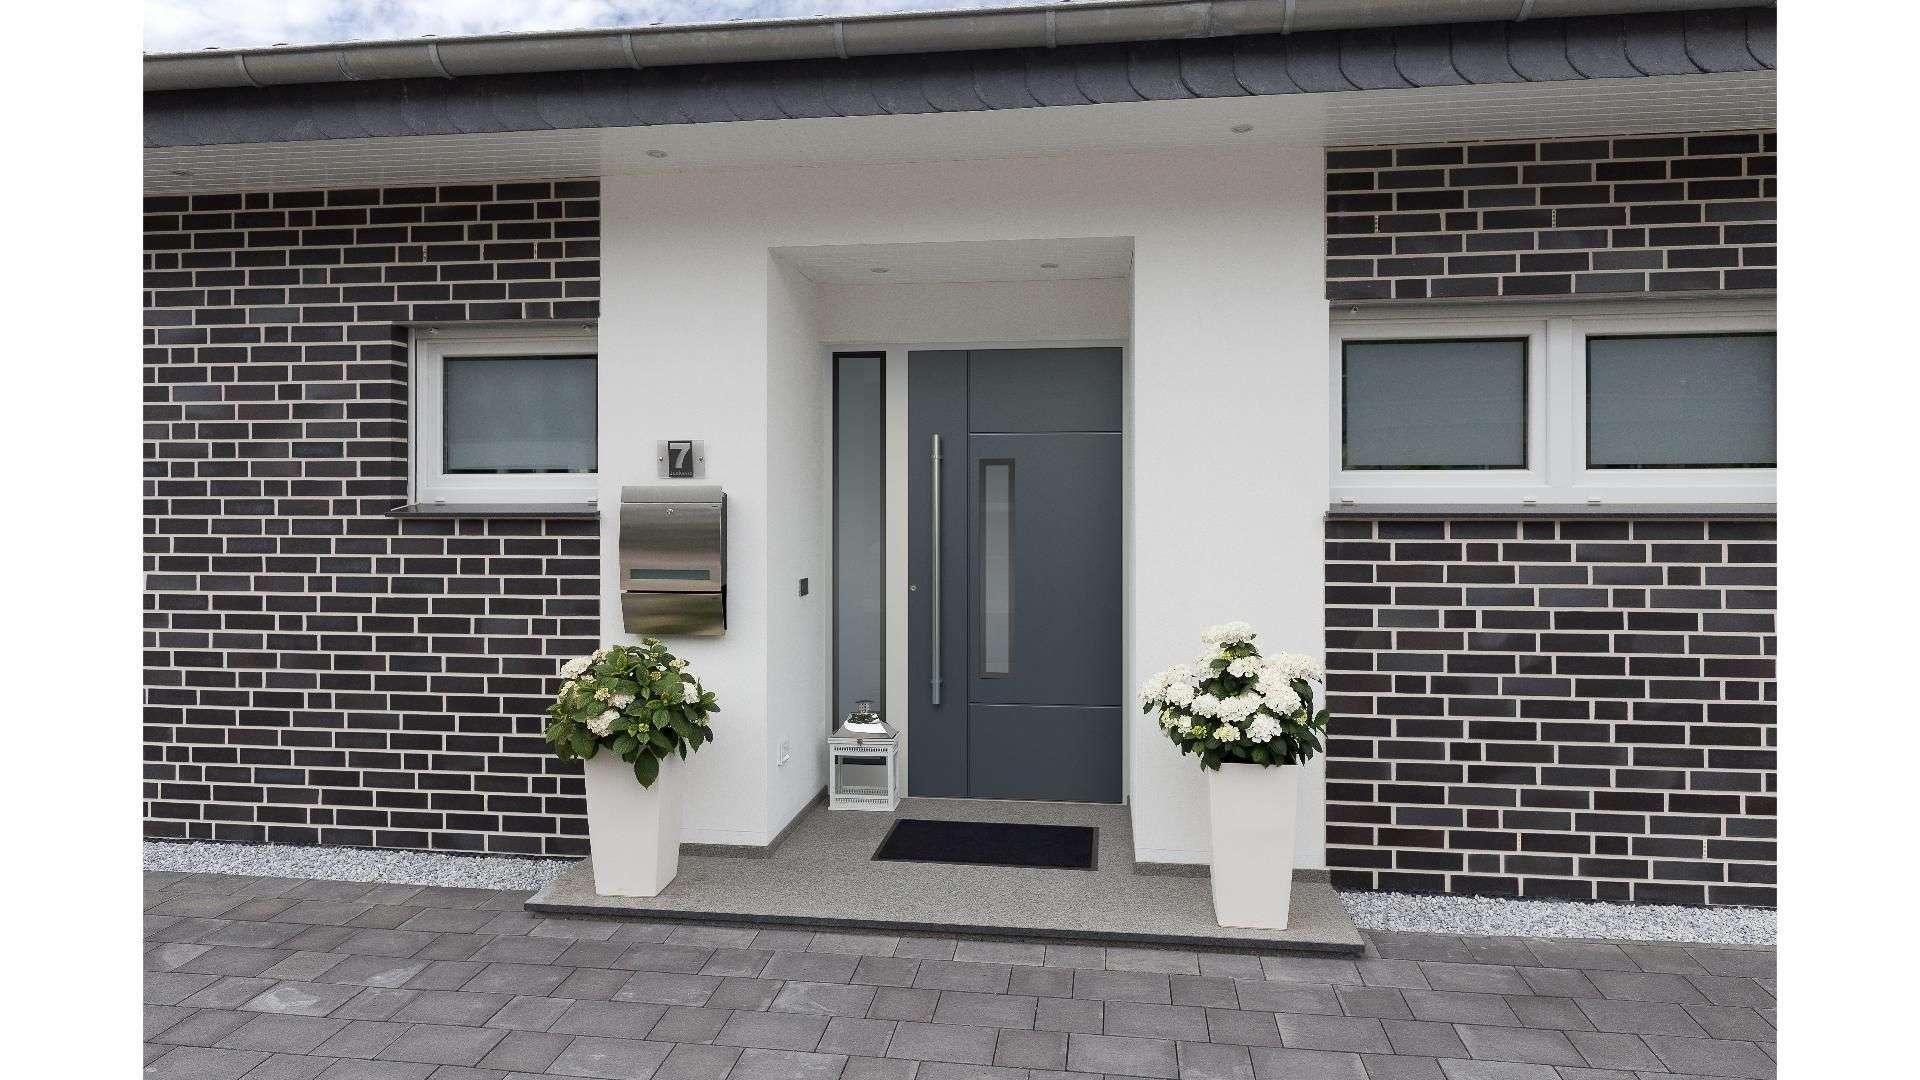 graue Haustür mit Glaselement auf der linken Seite in weißer Fassade